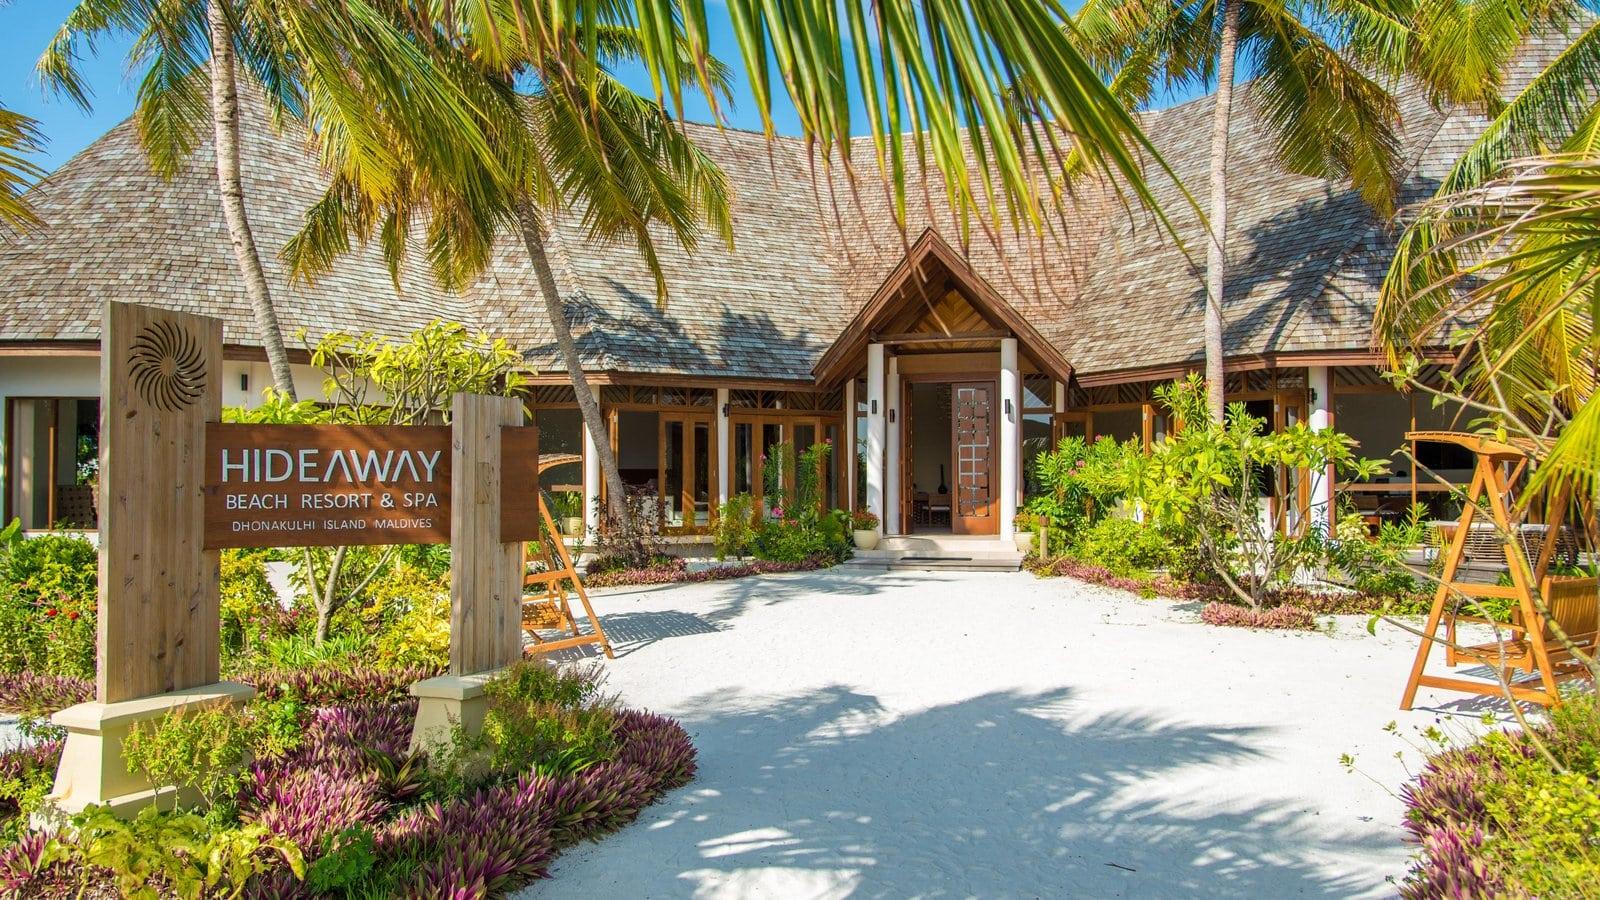 Мальдивы, отель Hideaway Beach Resort & Spa, лобби